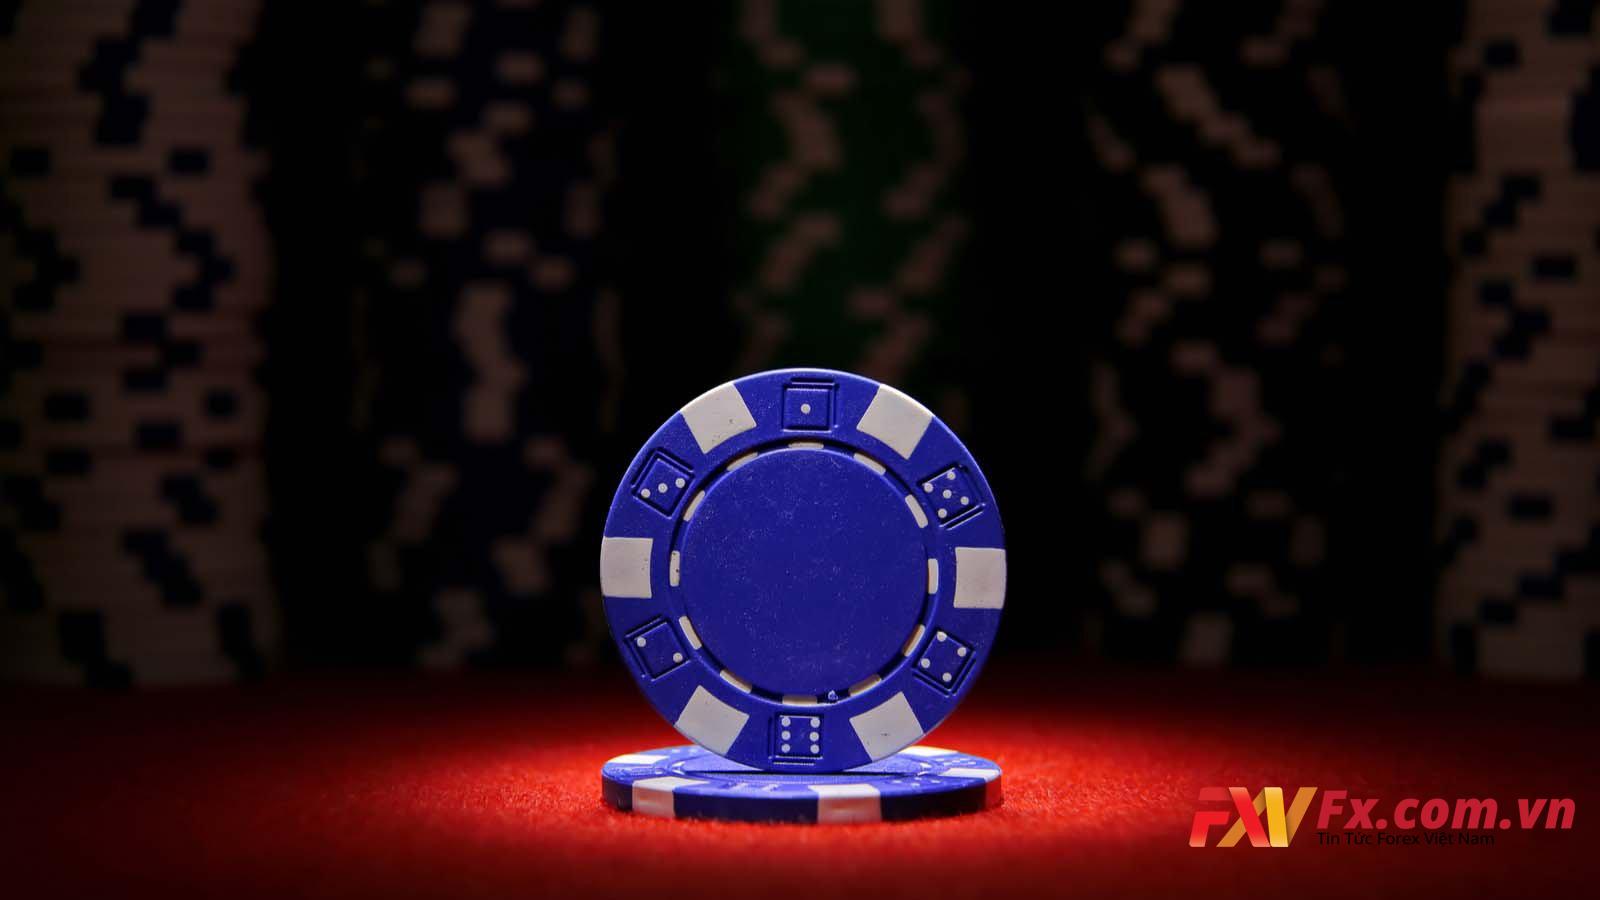 Ưu và nhược điểm cổ phiếu của blue chip là gì?